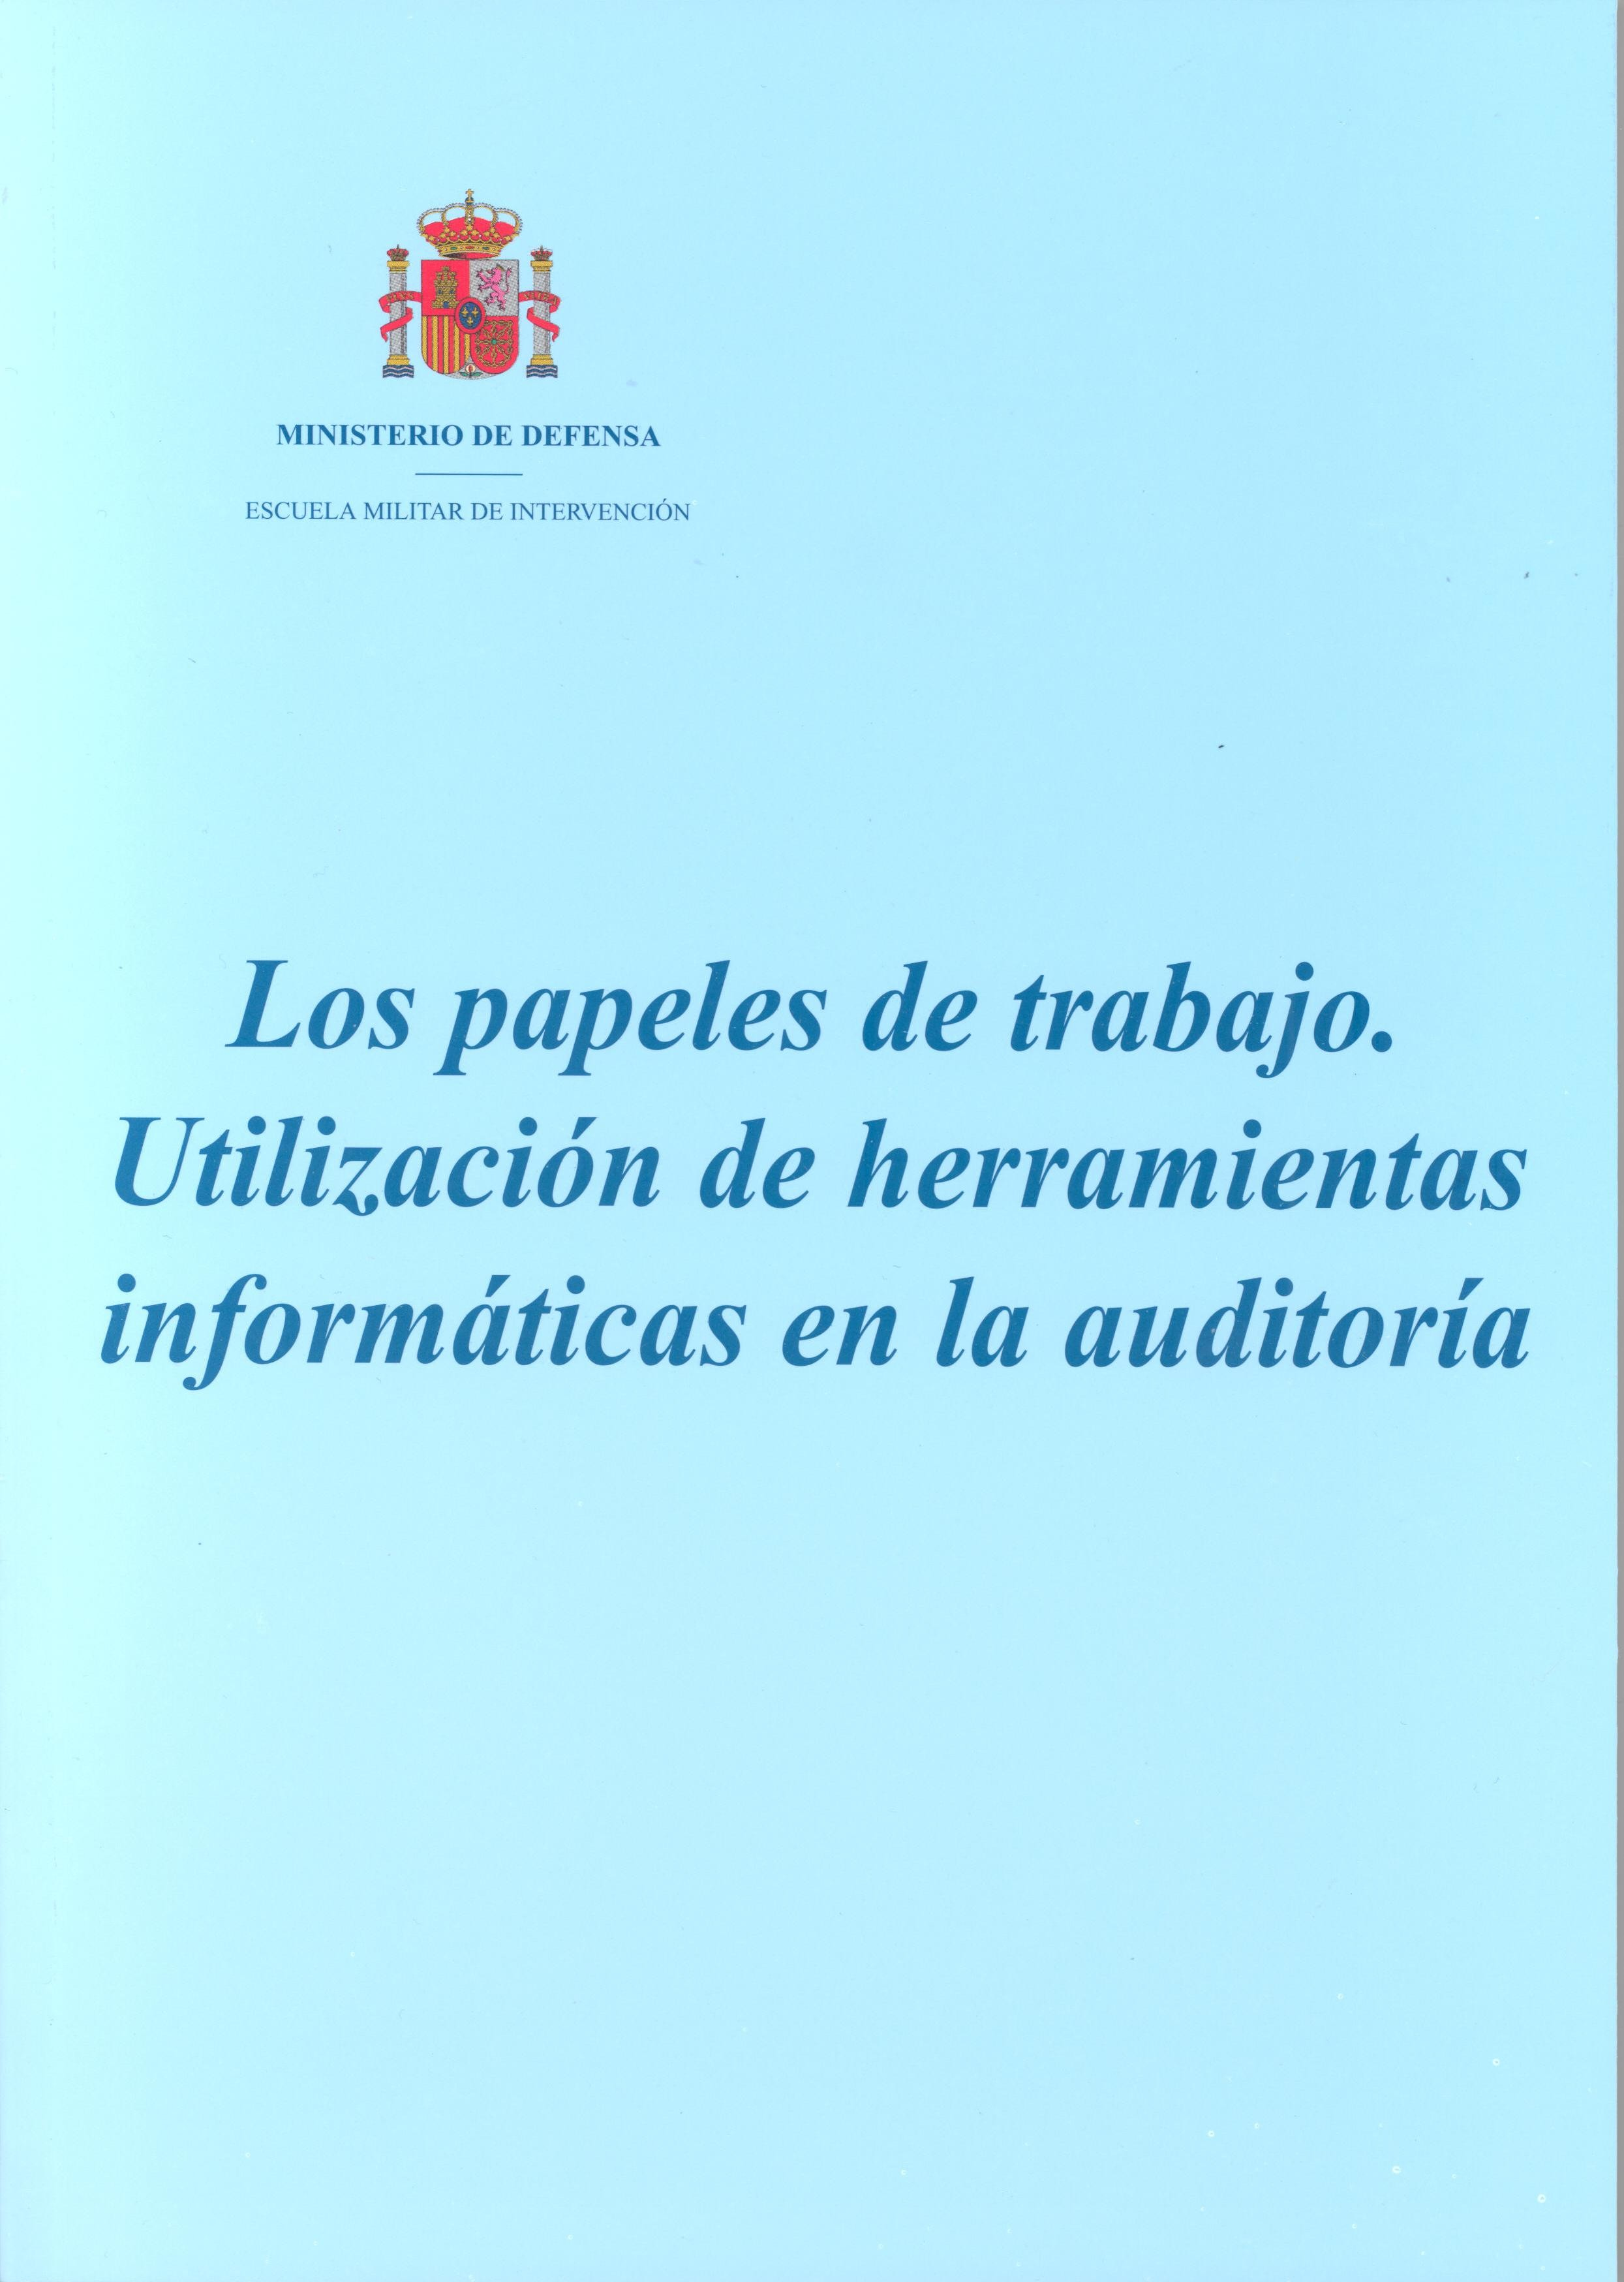 PAPELES DE TRABAJO: UTILIZACIÓN DE HERRAMIENTAS INFORMÁTICAS EN LA AUDITORÍA, LOS